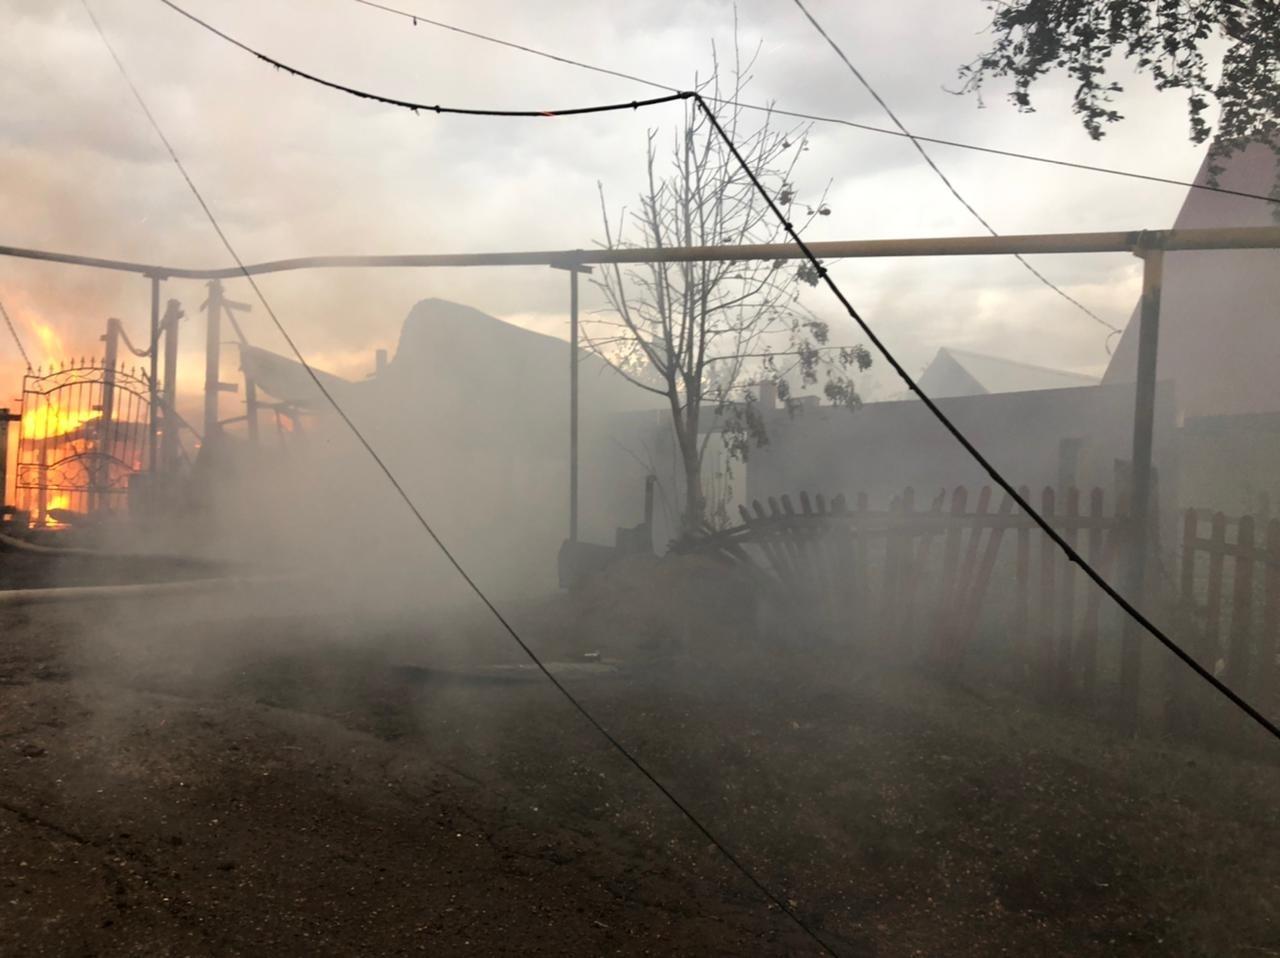 Пожарно-спасательные подразделения выехали на пожар в городе Бирск